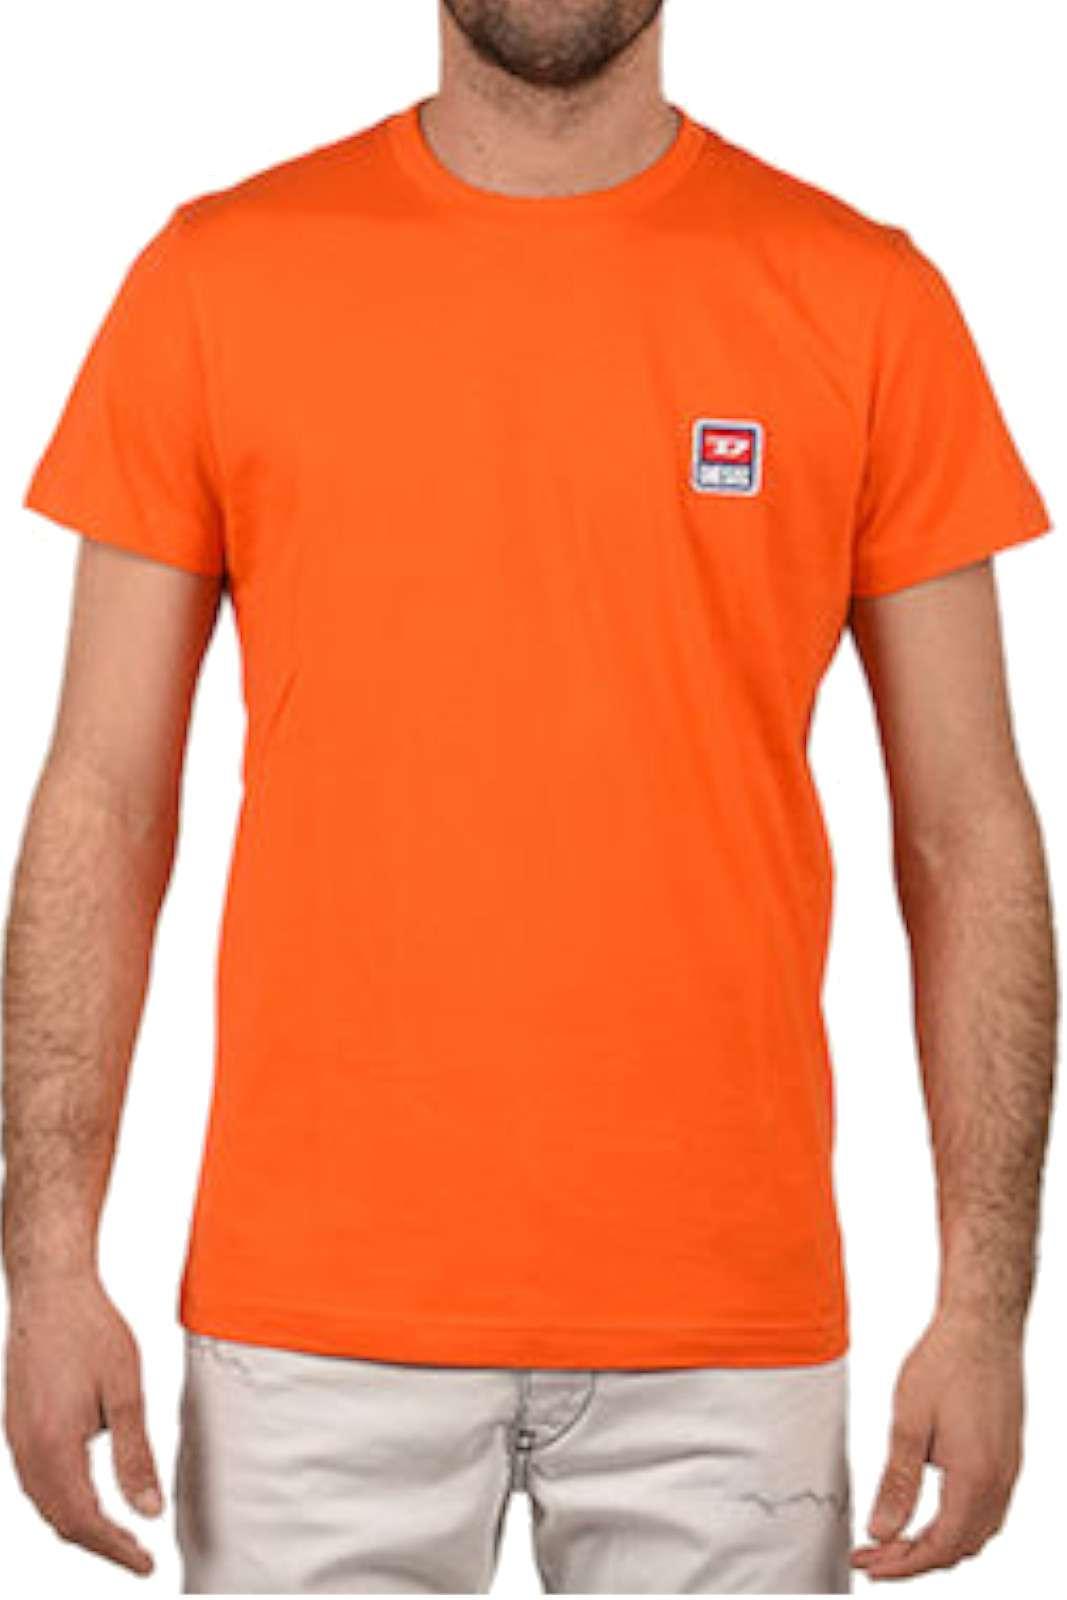 Una t shirt dalla stile inconfondibile quella proposta dalla collezione Diesel. Semplice e dal colore acceso, per un look sempre alla moda.